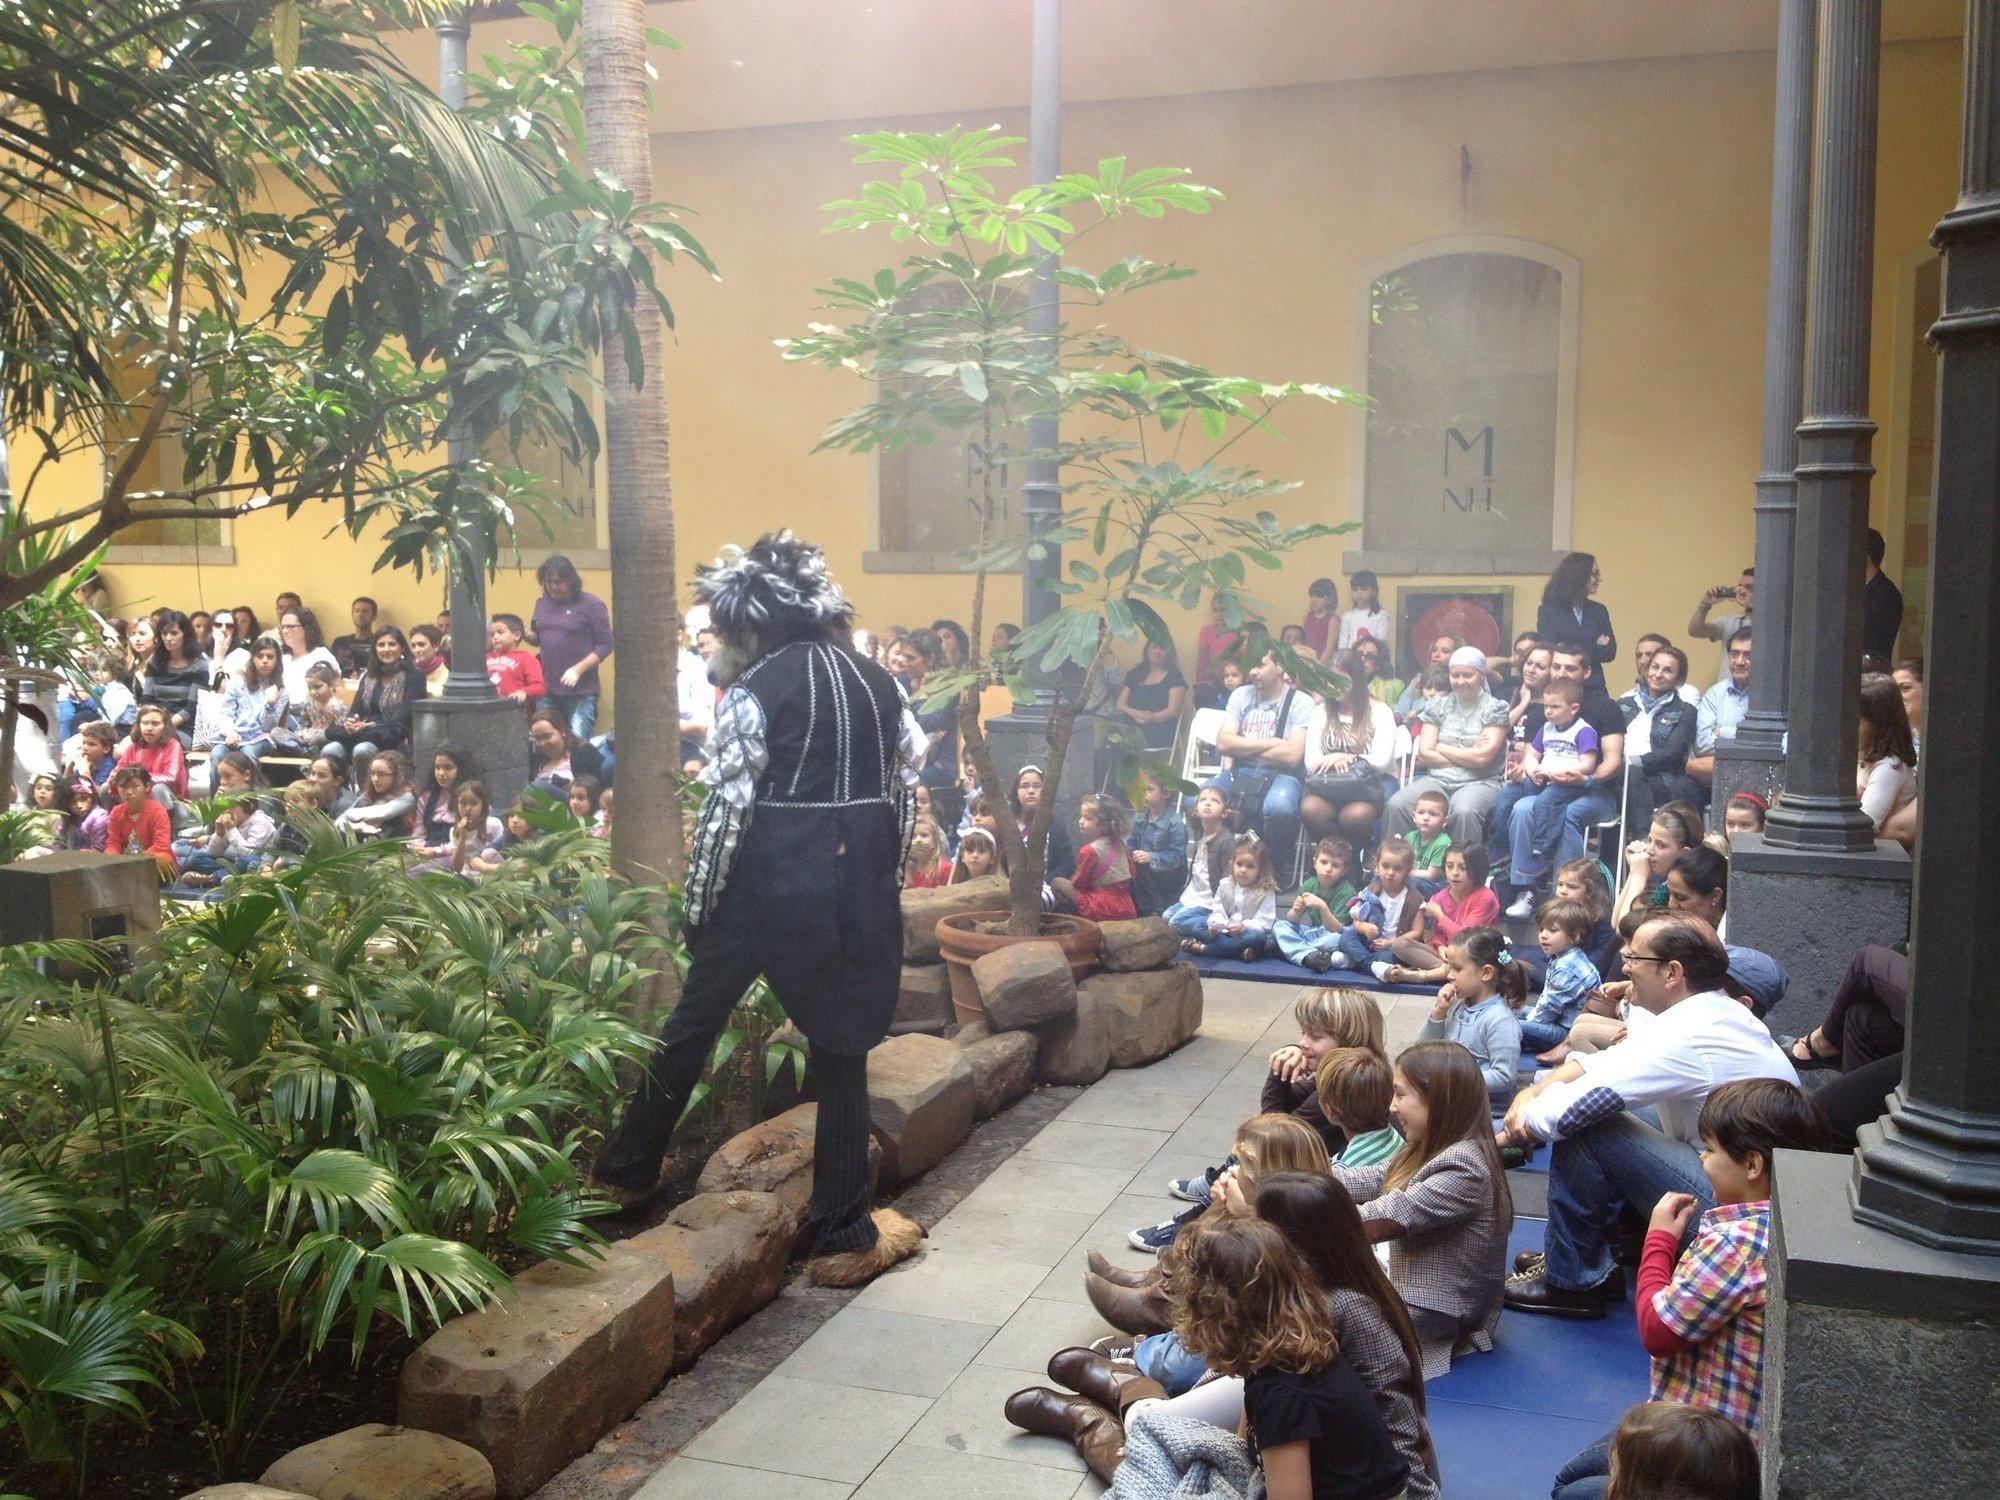 El Museo de la Naturaleza y el Hombre (Tenerife) ofrece este domingo el musical »Caperucita Roja»